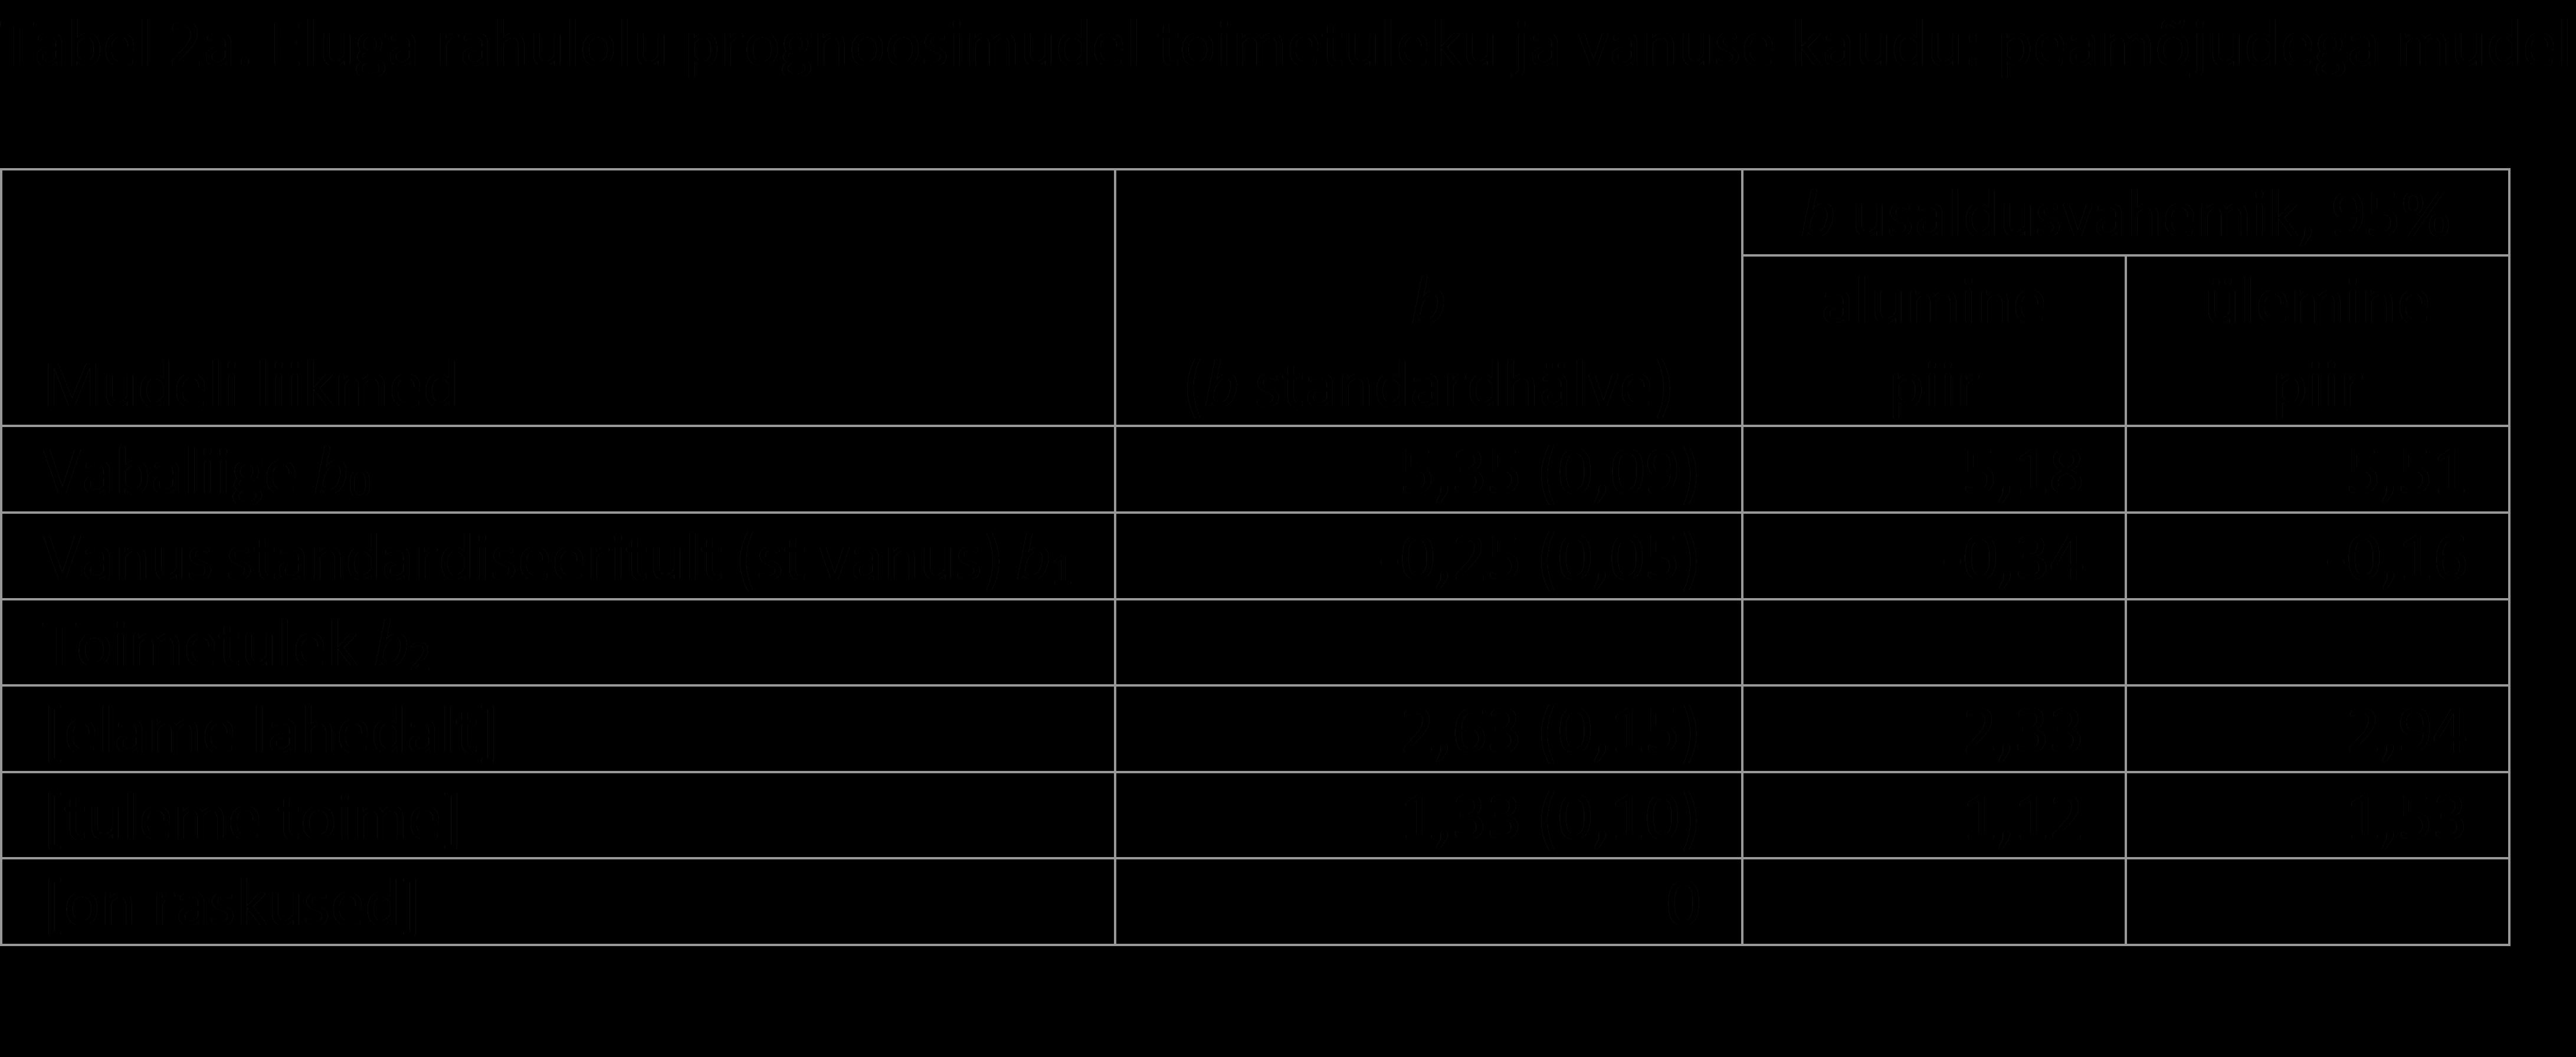 Liikme suurus varieerub vanusest 15 cm liige paksus normaalselt